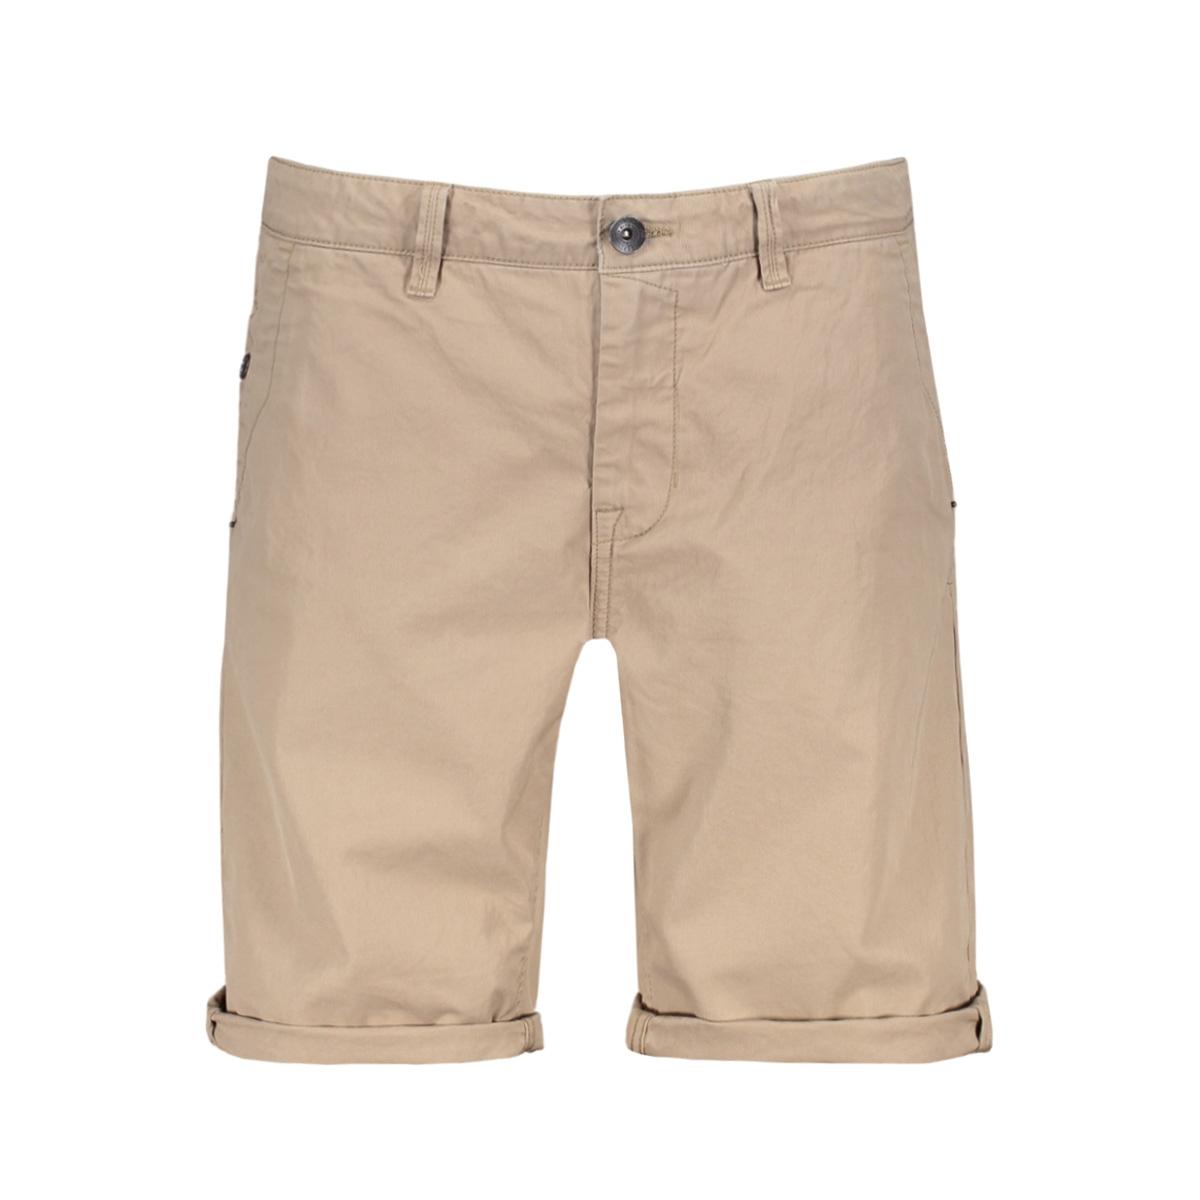 gs910361 garcia korte broek 2836 warm sand